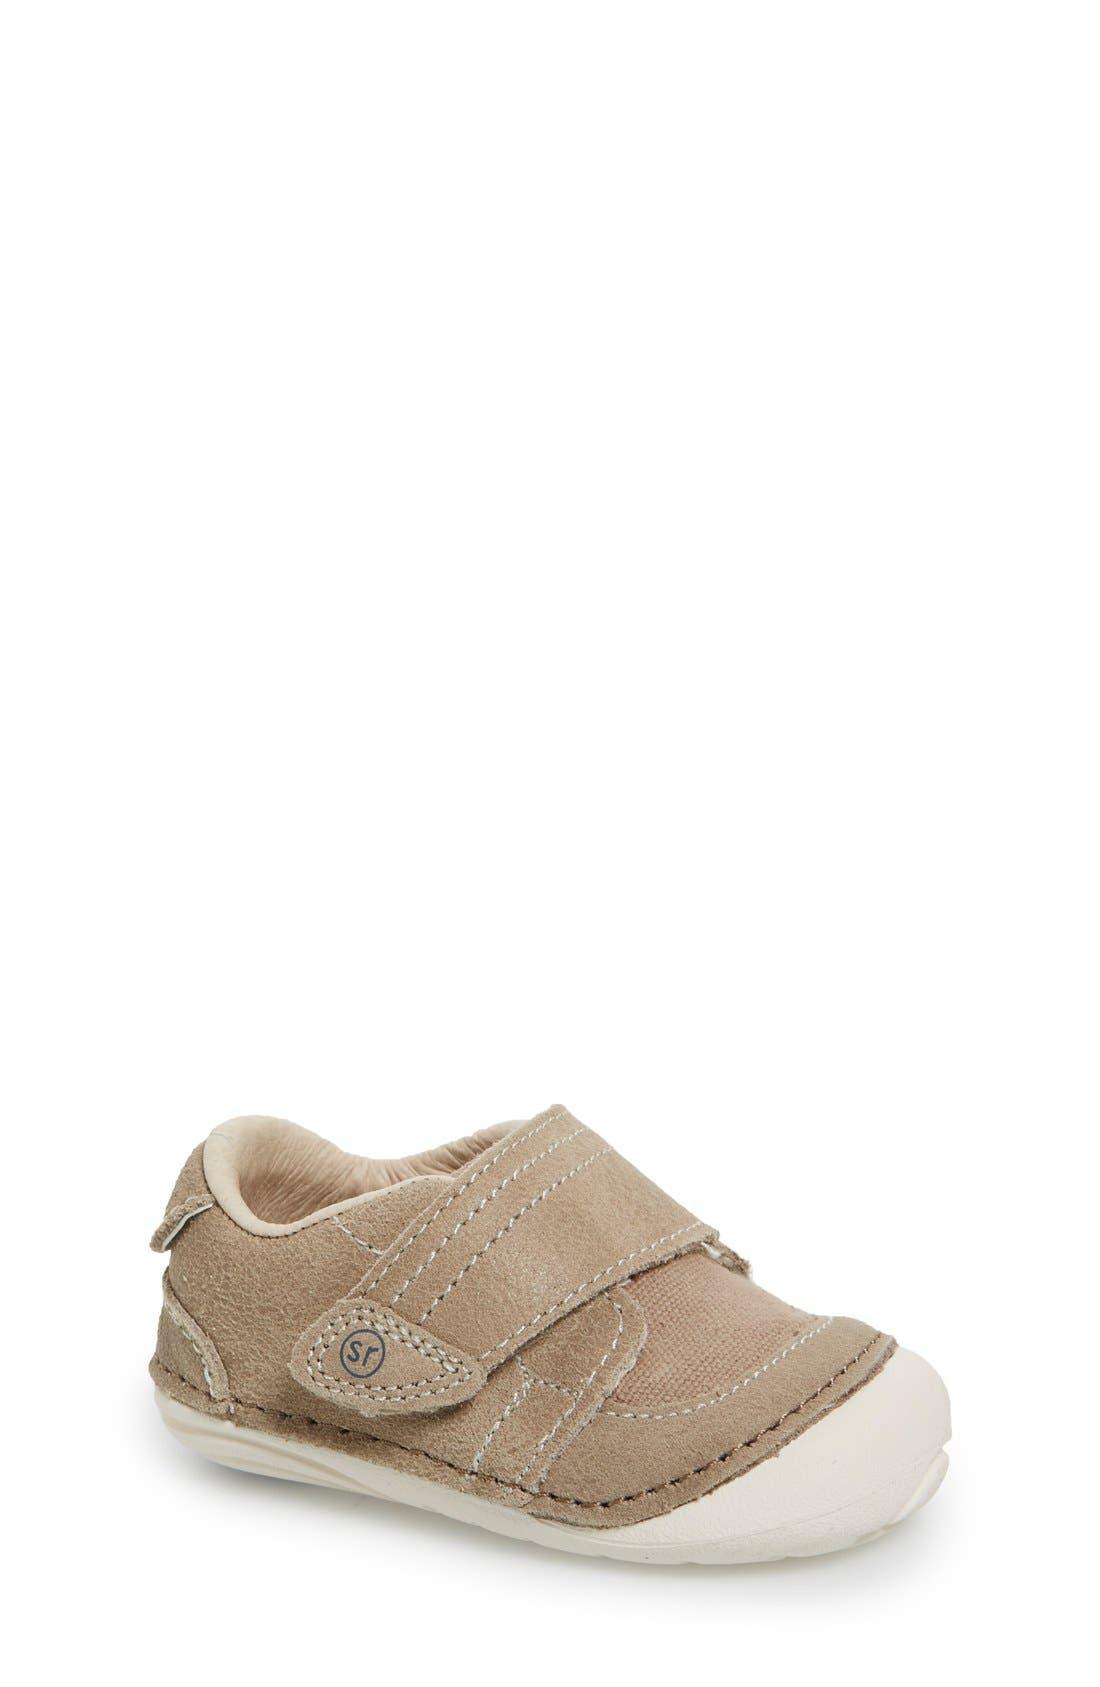 Stride Rite Soft Motion Kellen Sneaker (Baby & Walker)